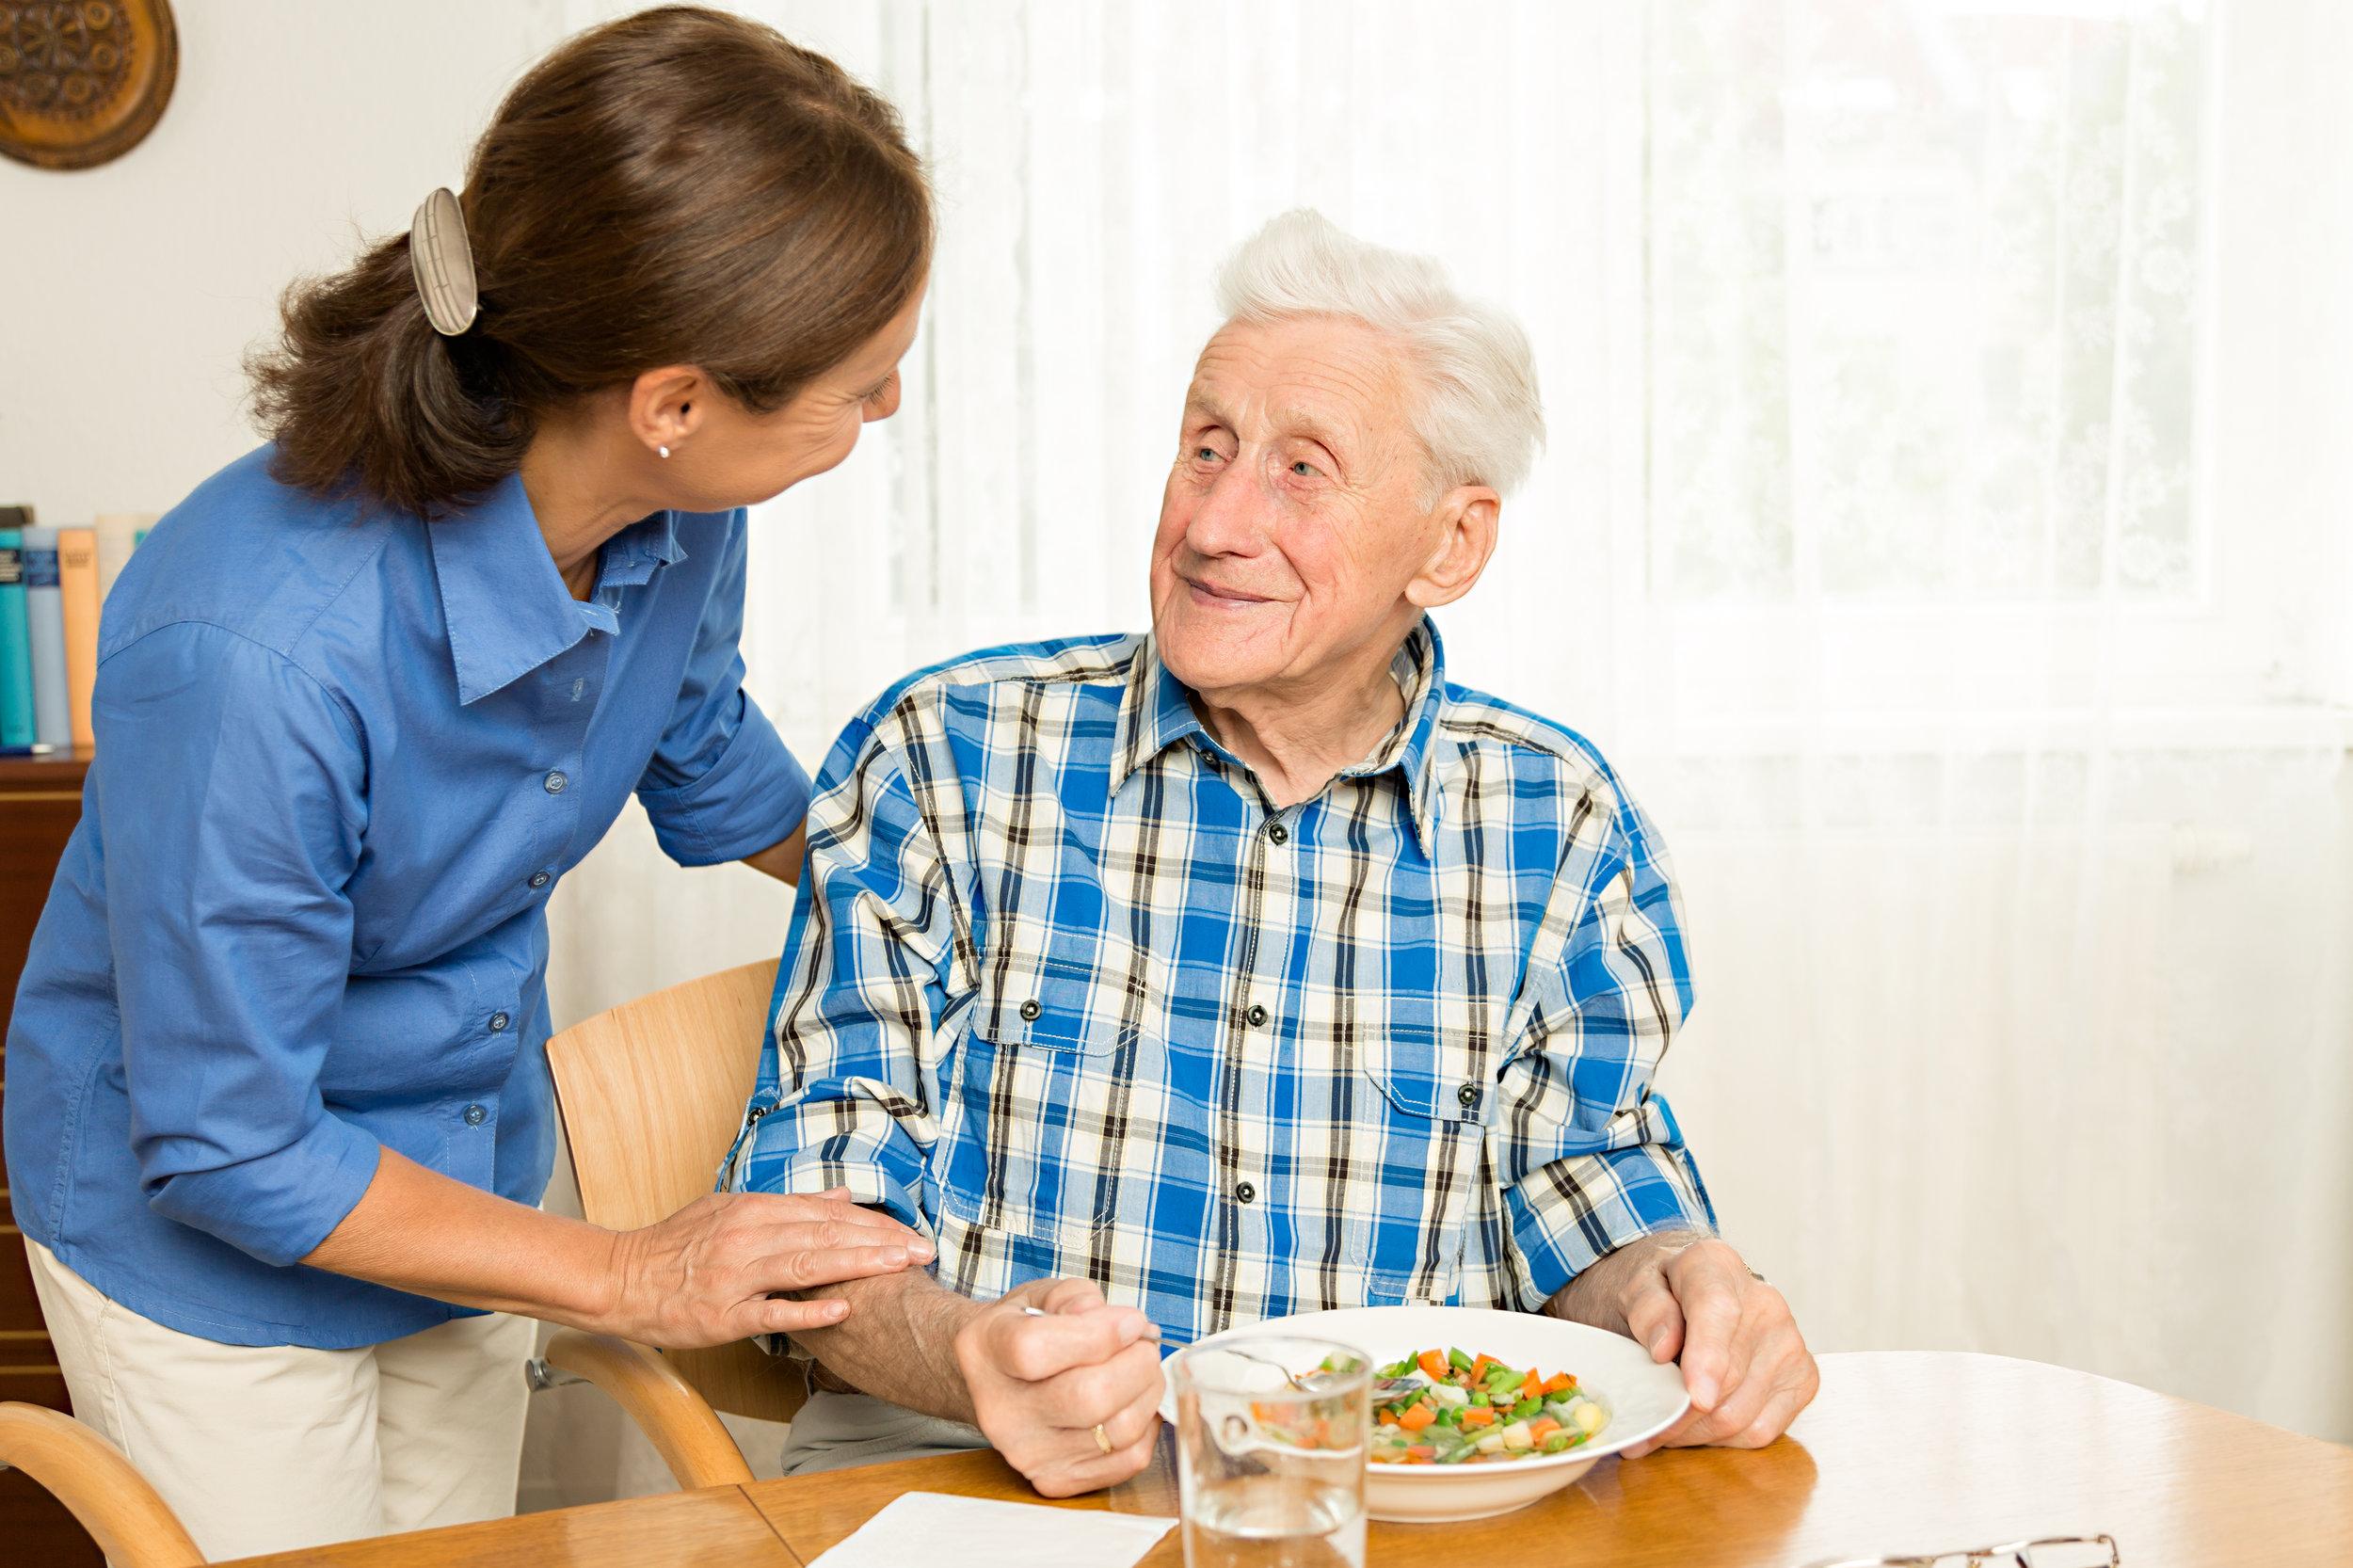 Carer-giving-senior-man-lunch-177204981_4930x3286.jpeg